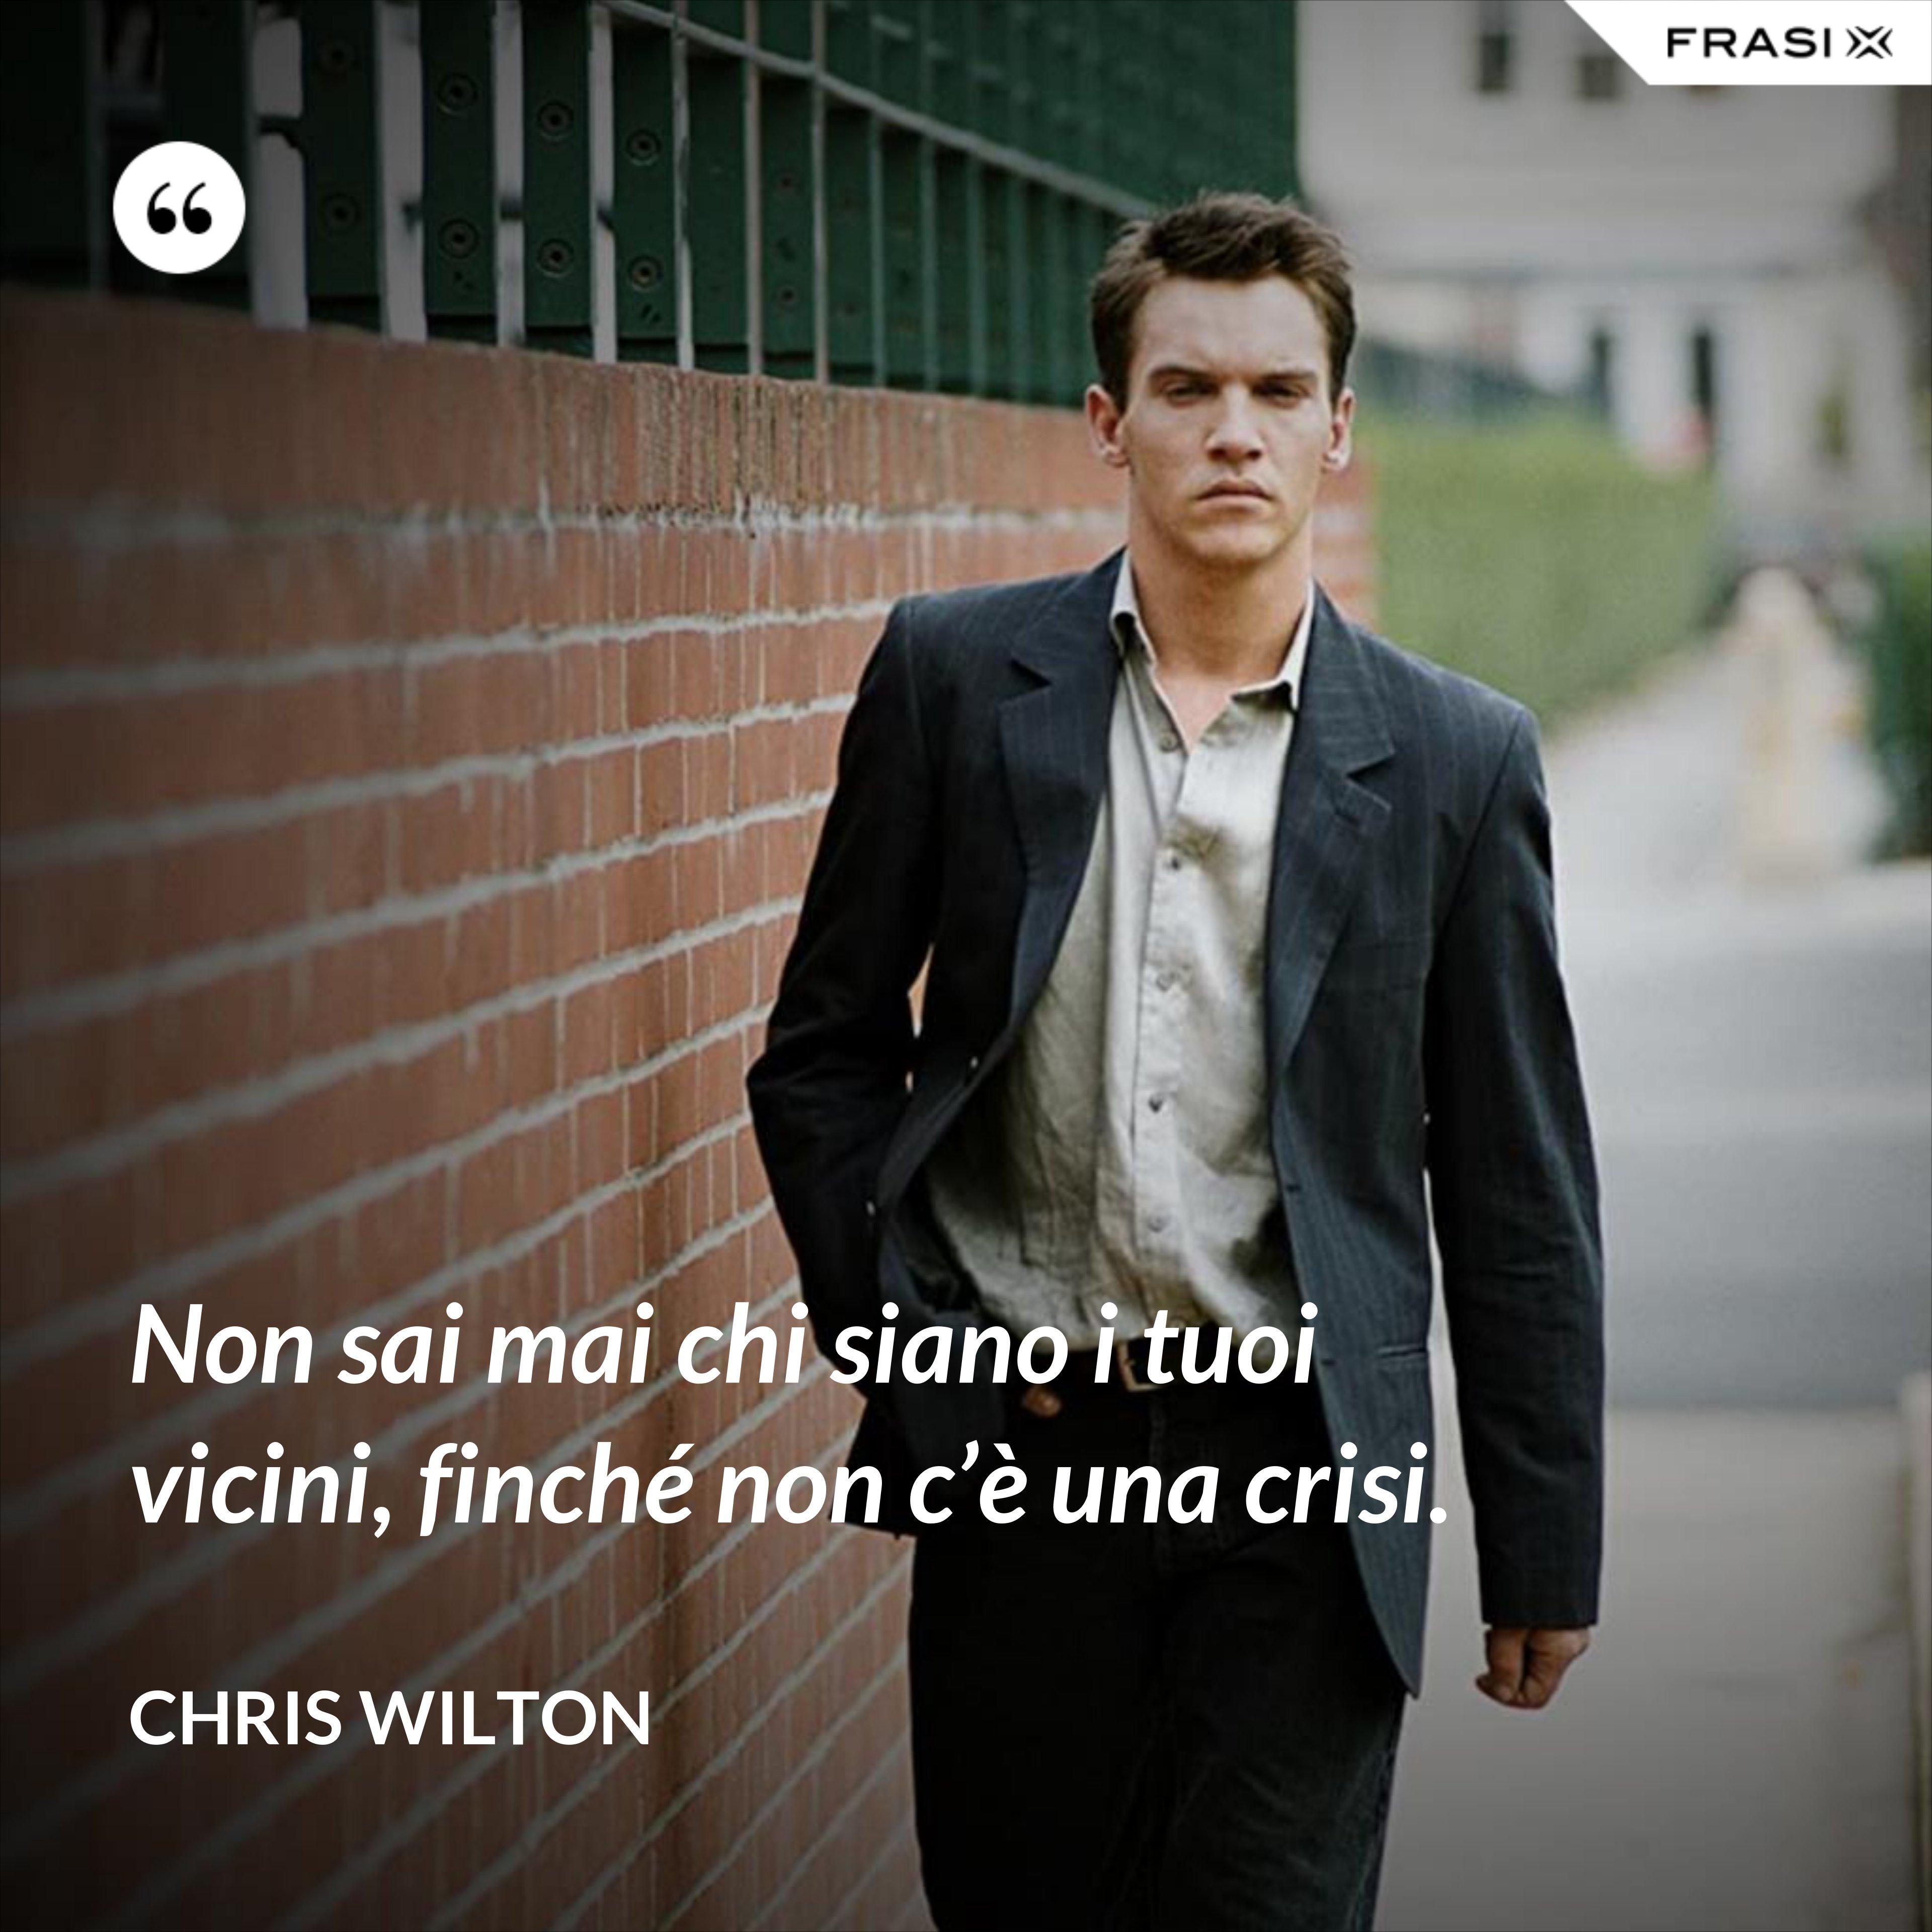 Non sai mai chi siano i tuoi vicini, finché non c'è una crisi. - Chris Wilton